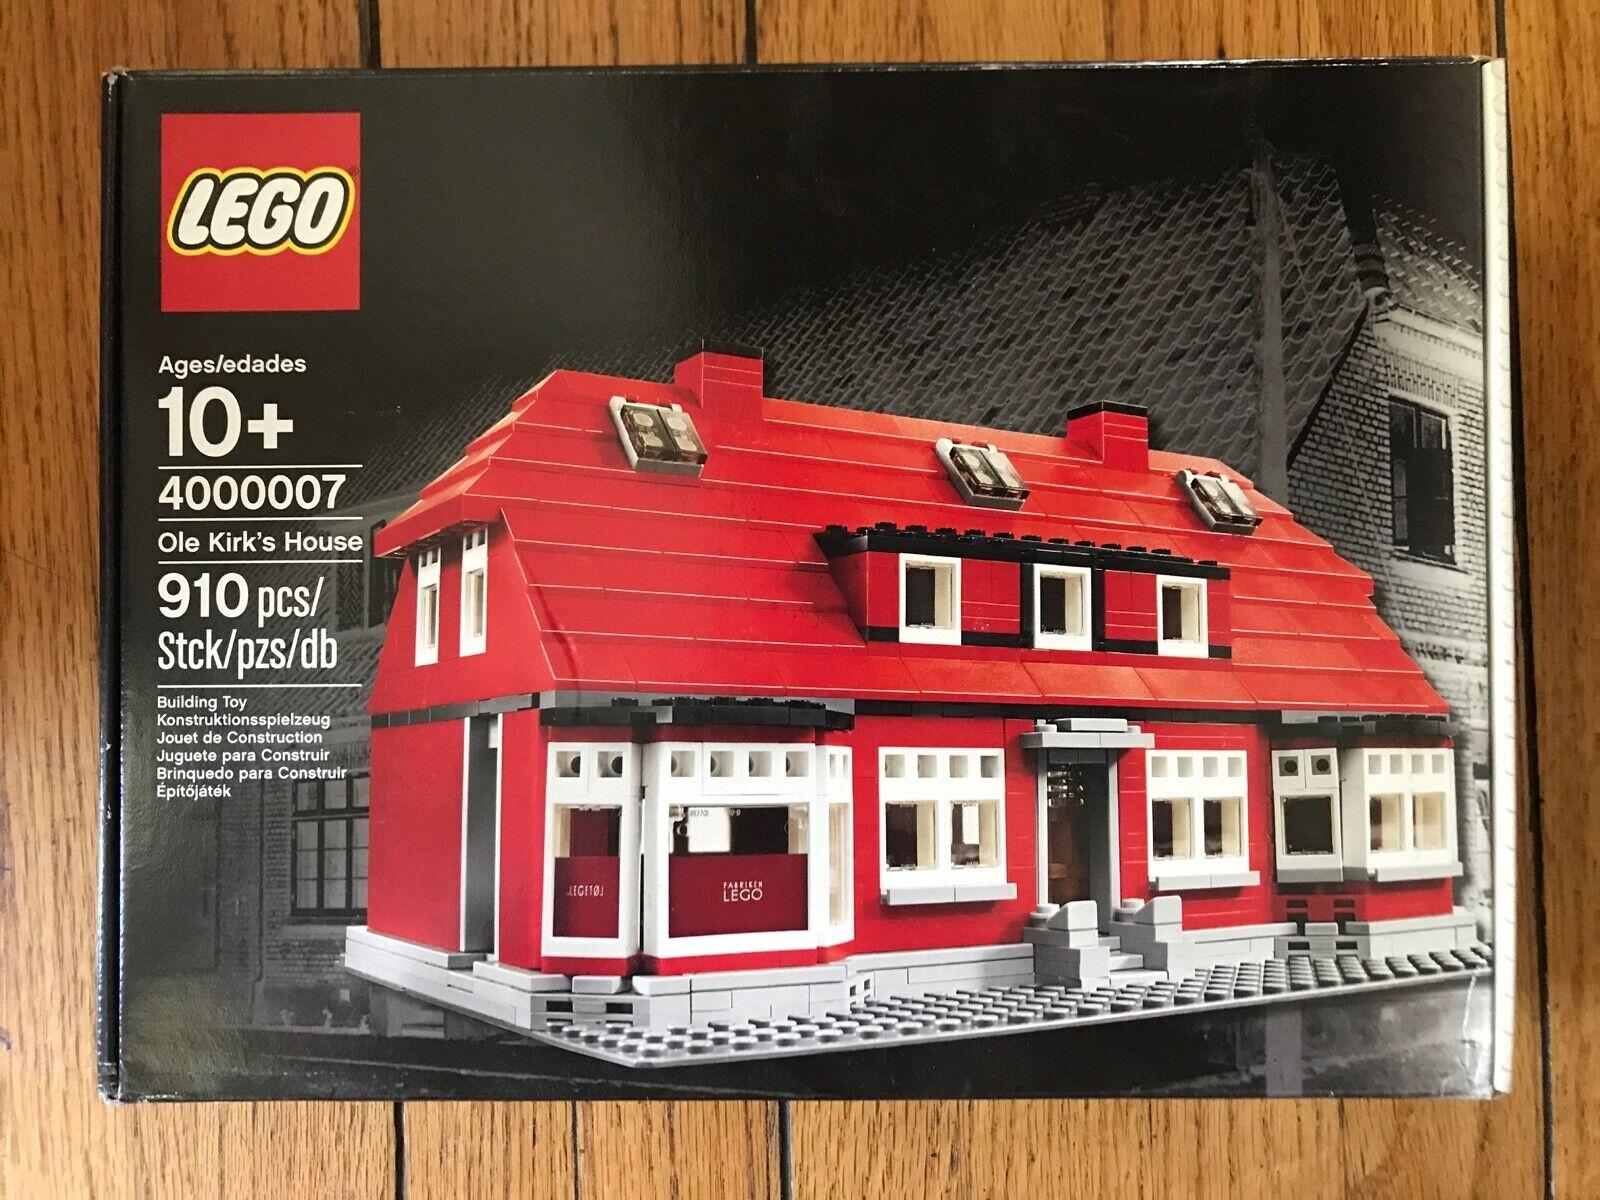 Nuevo  Regalo Ole Kirk empleado de Lego's House 4000007  Caja tiene pliegues  (B)